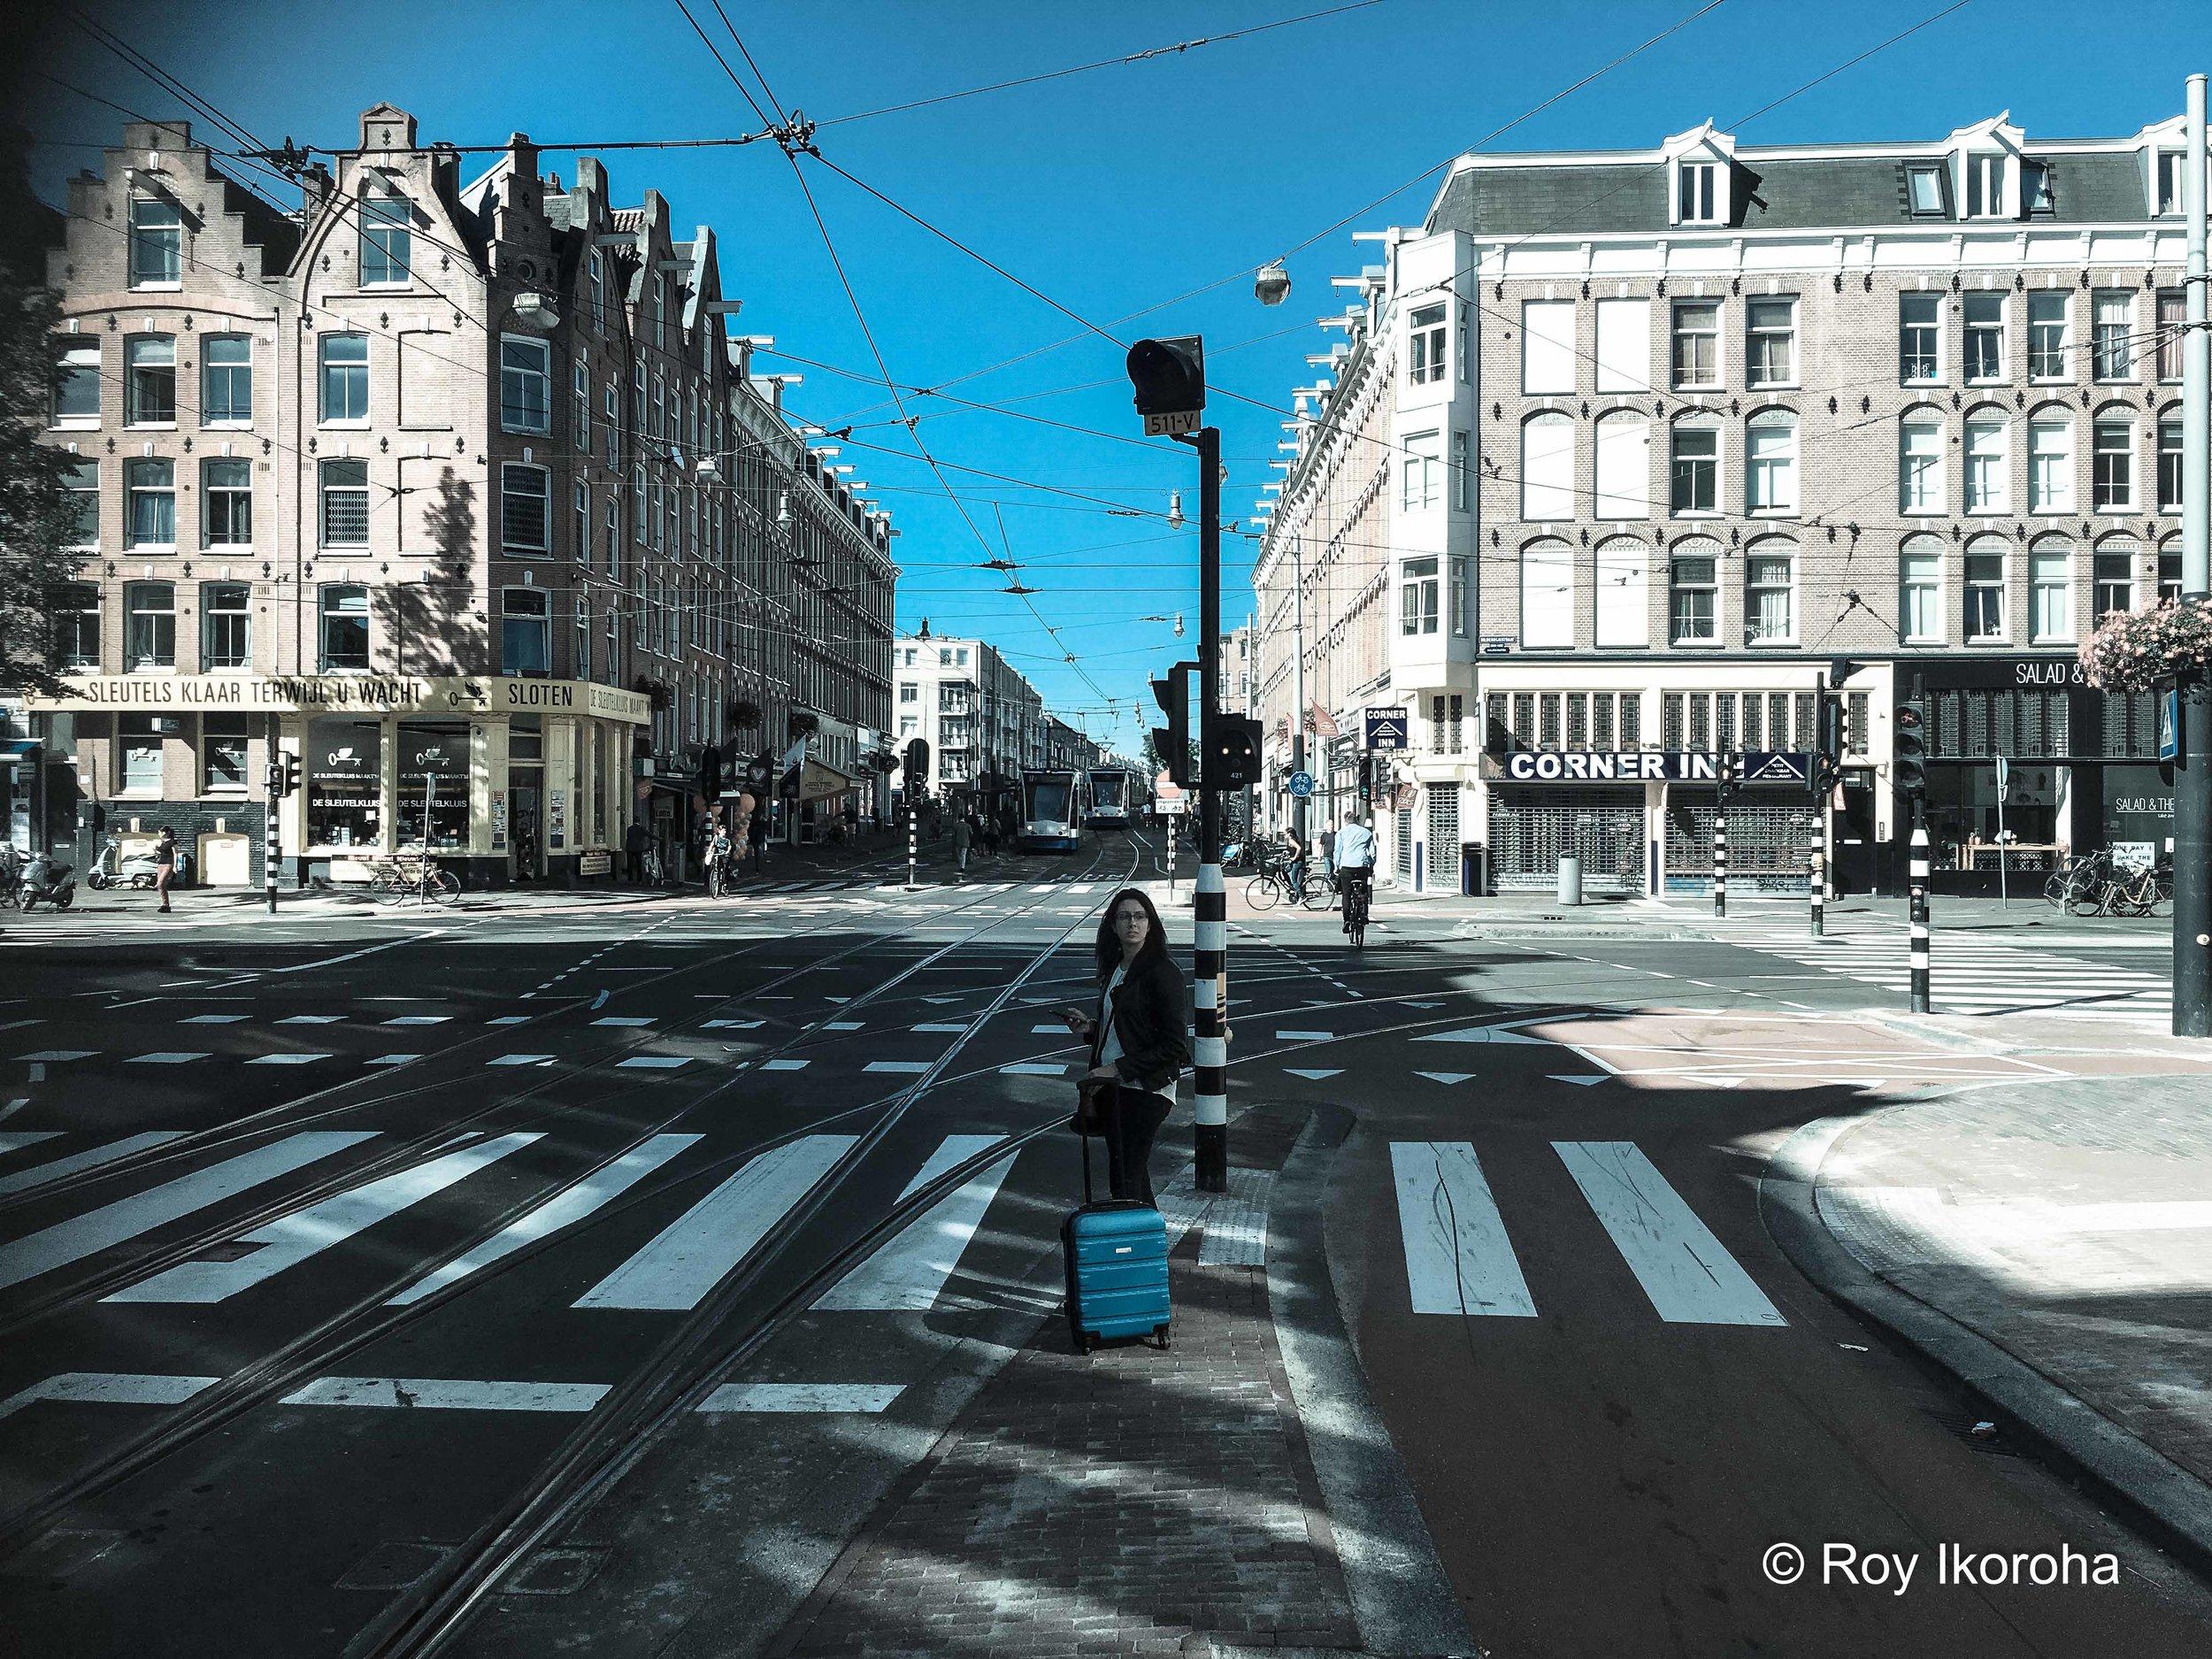 Wide streets of Bilderdijkstraat, Amsterdam, Netherlands